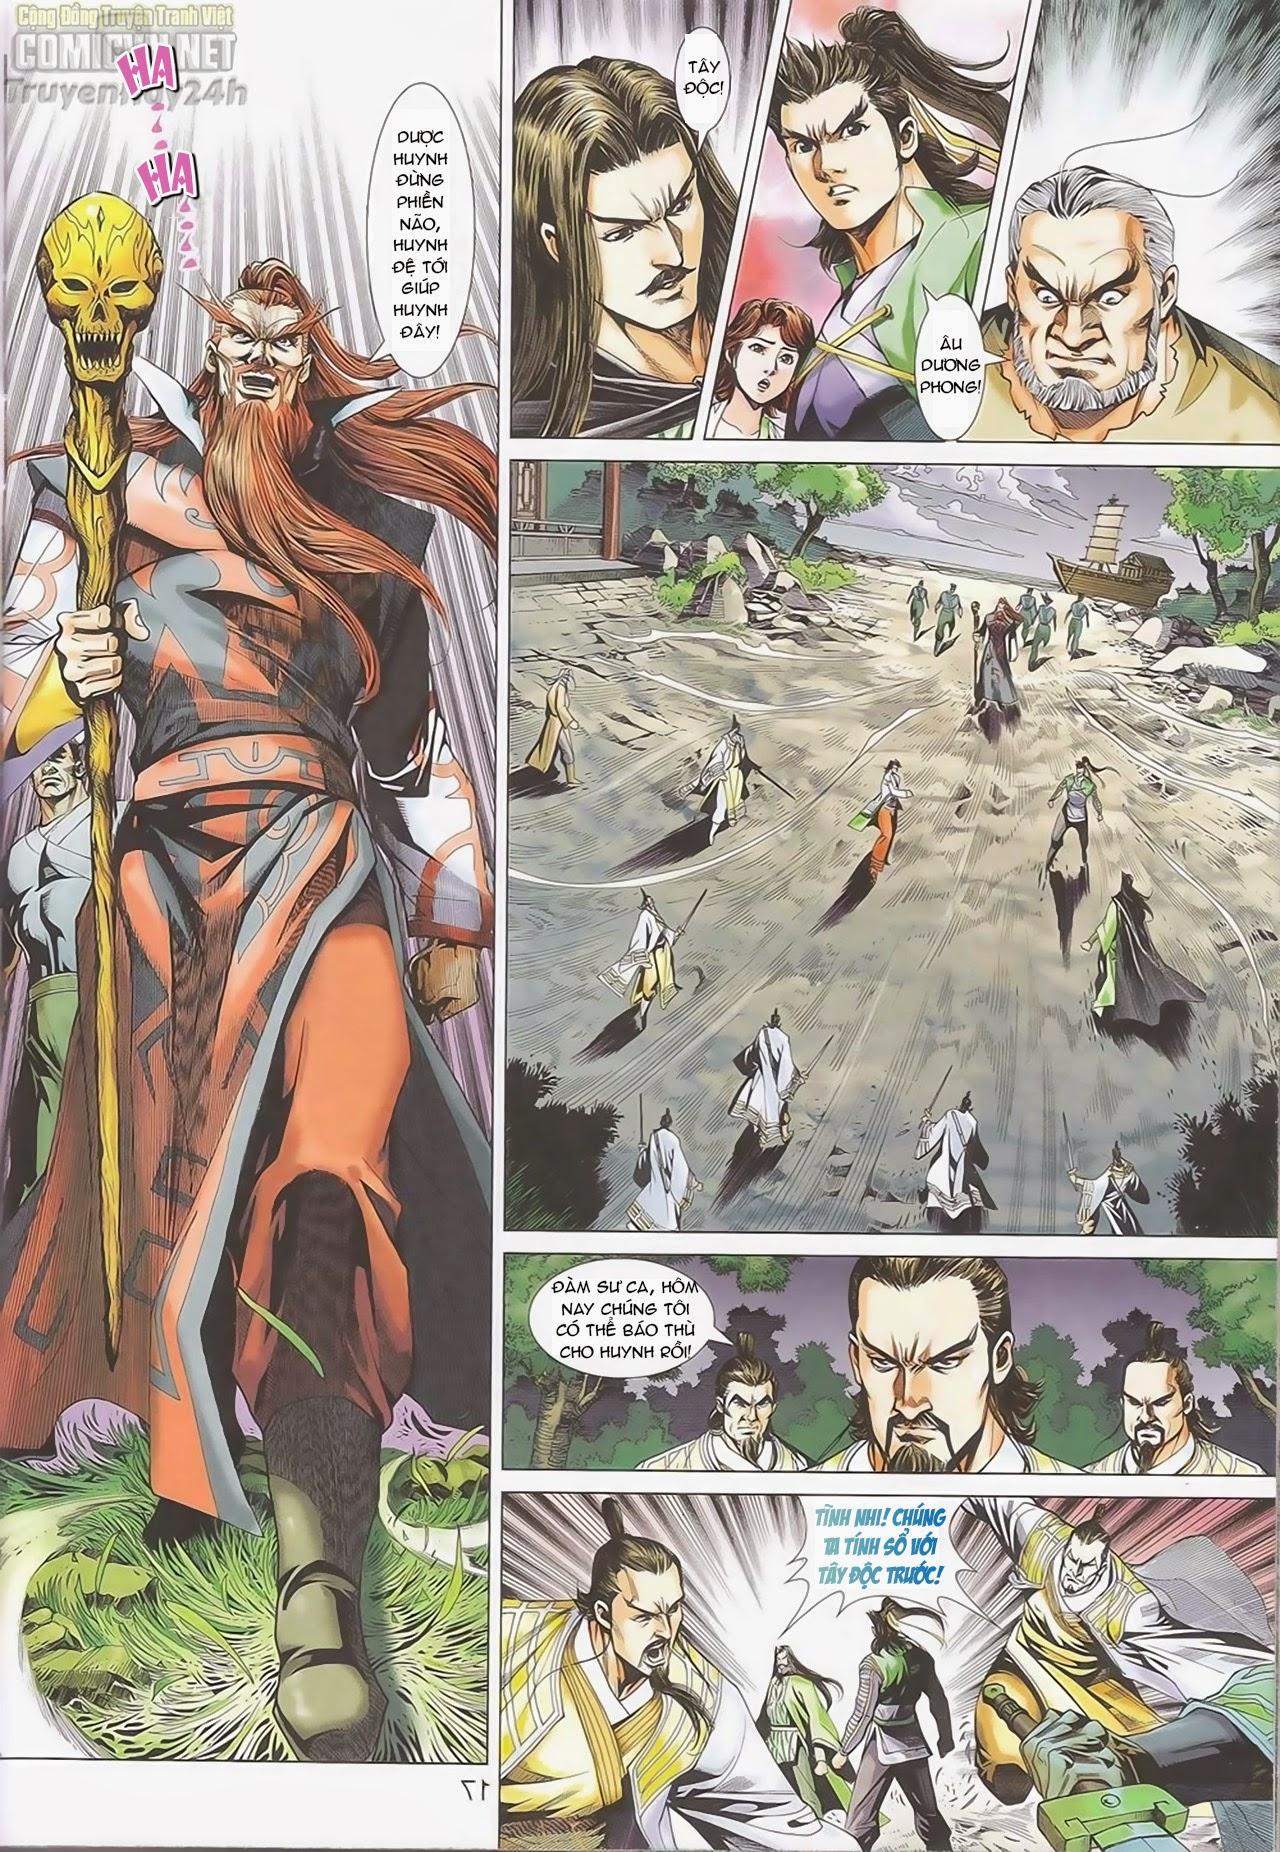 xem truyen moi - Anh Hùng Xạ Điêu - Chapter 87: Quần Hùng Hội Chiến Yên Vũ Lâu